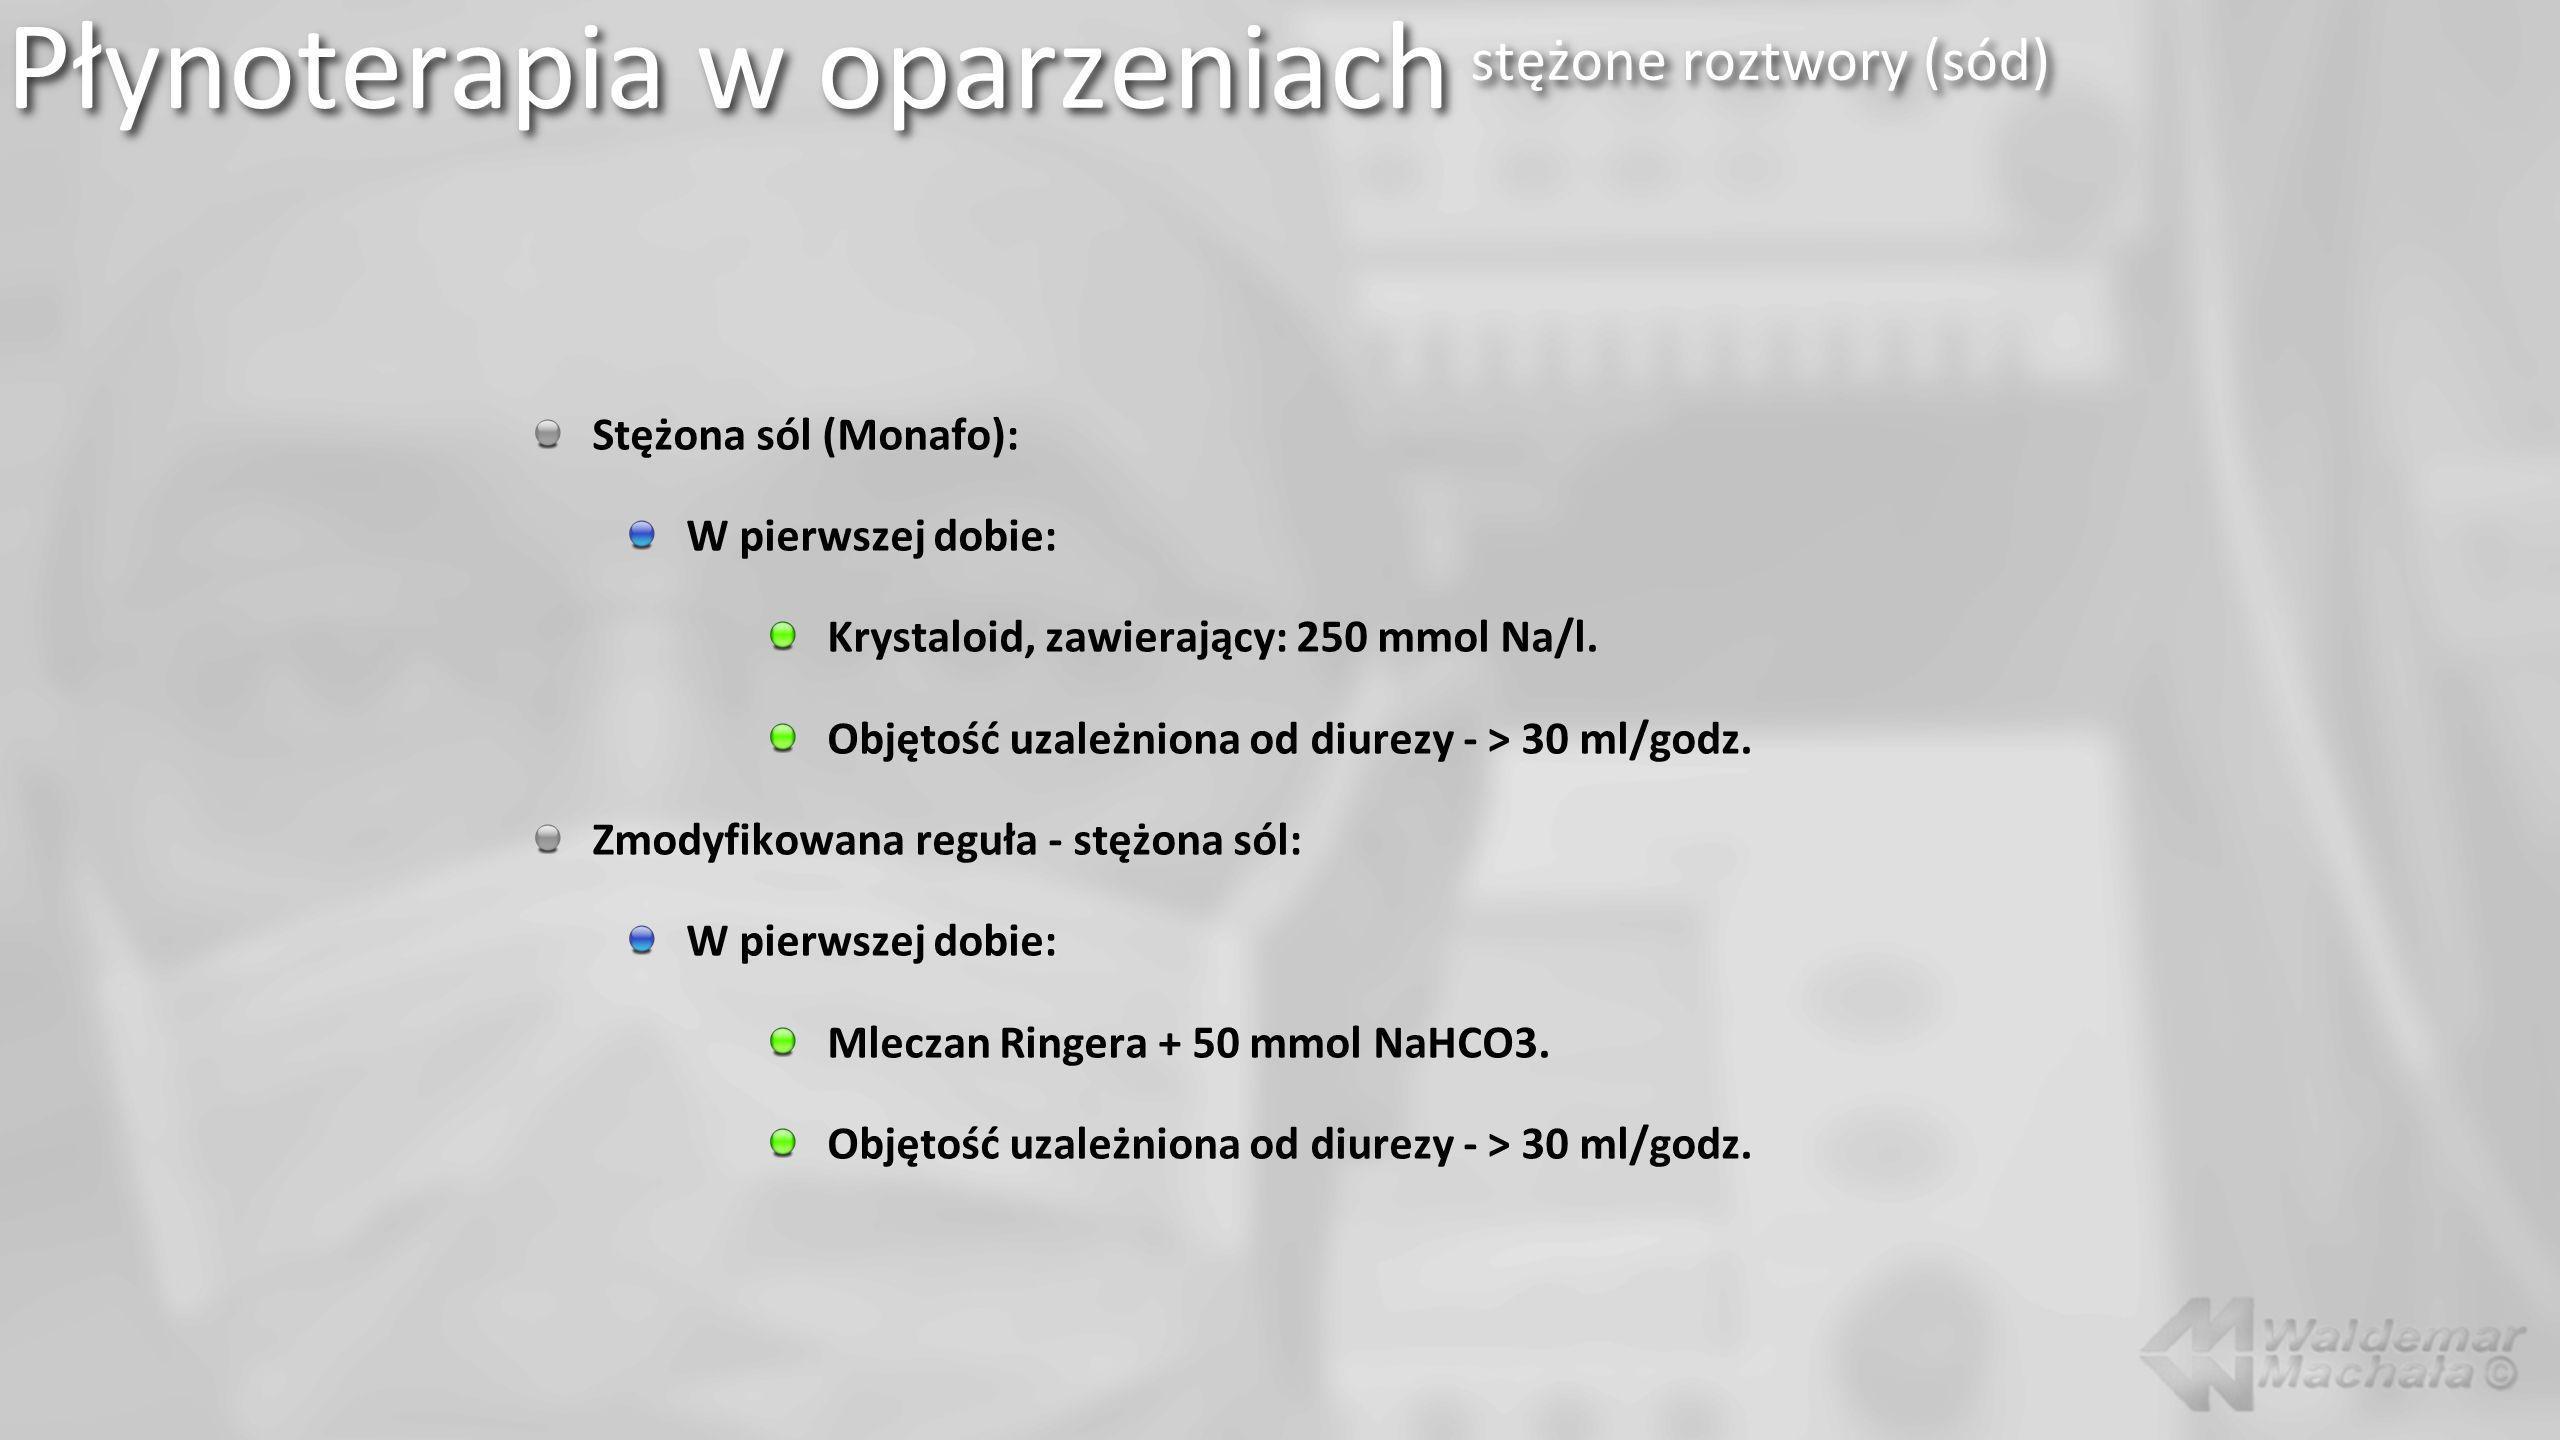 Płynoterapia w oparzeniach stężone roztwory (sód)